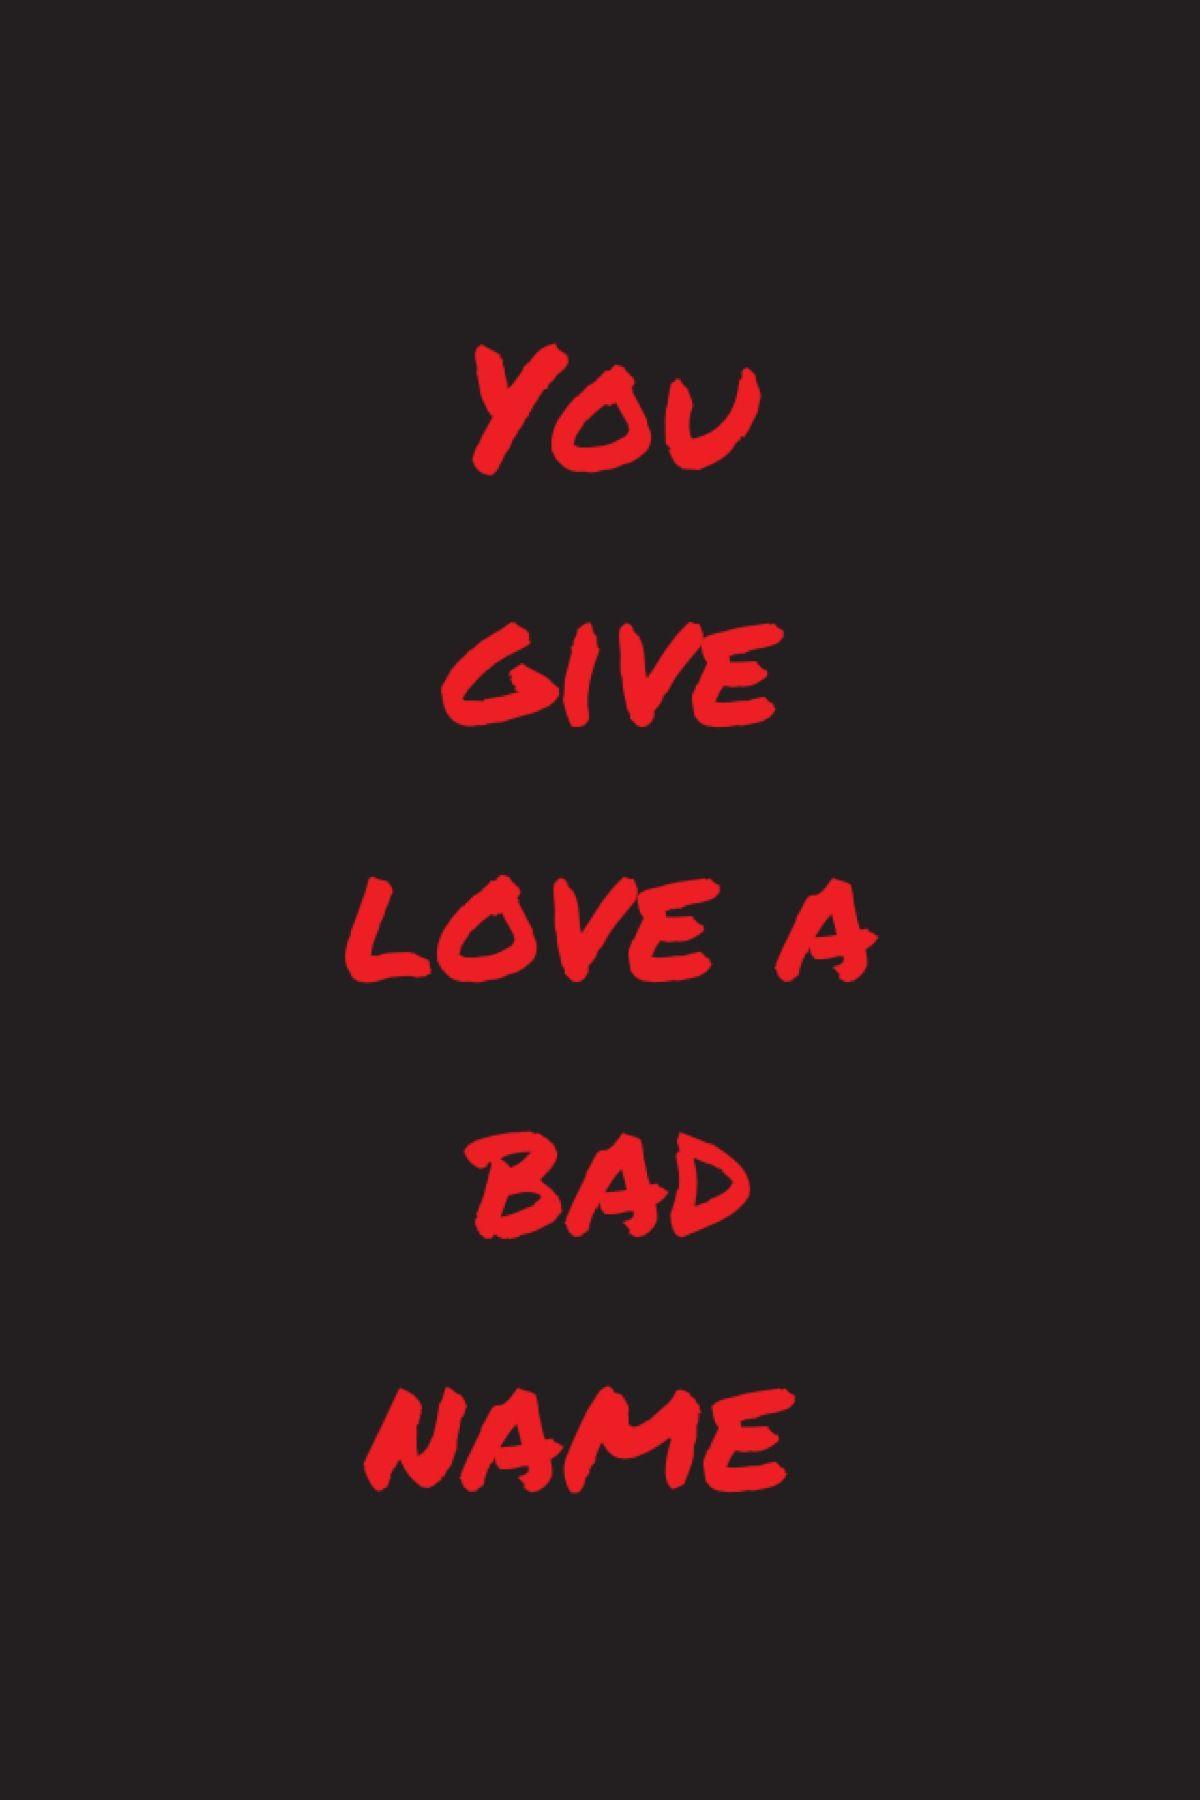 You Give Love A Bad Name American Pop Rock Singer Legend Lyric Poster Bon Jovi